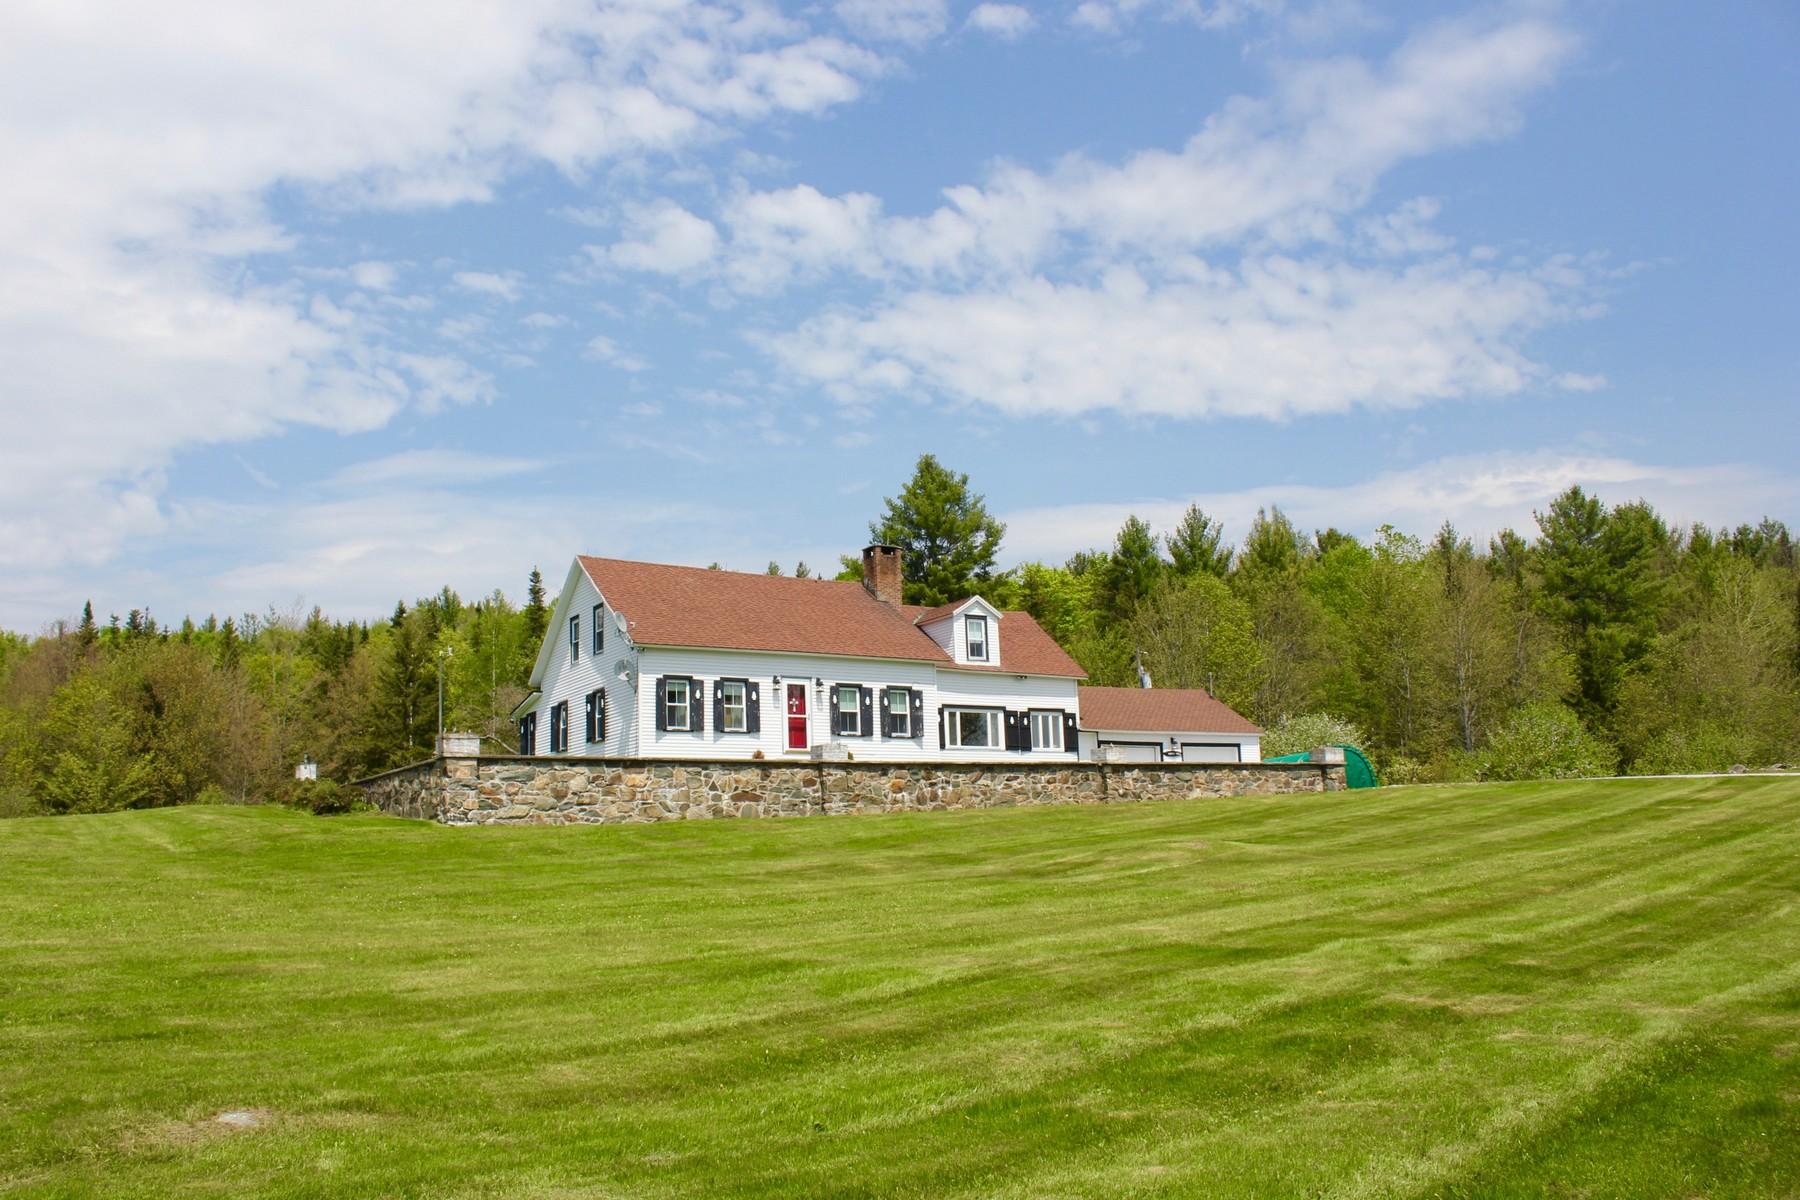 Maison unifamiliale pour l Vente à Welcome to Windy Lane 166 Windy Hill Ln Mount Holly, Vermont, 05758 États-Unis